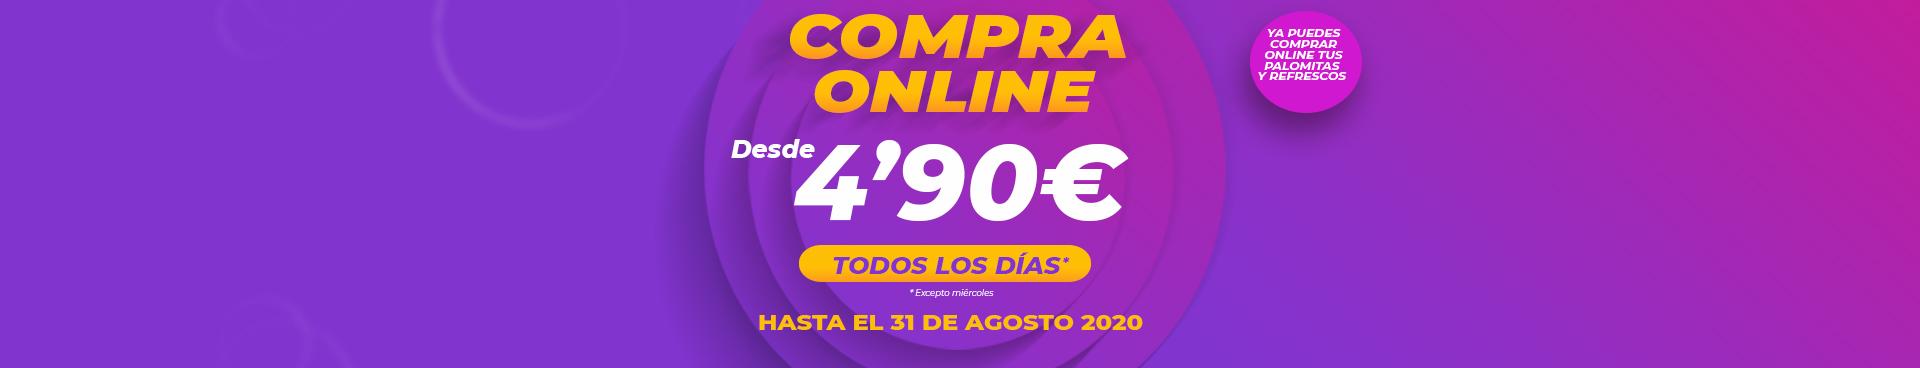 Promo Online